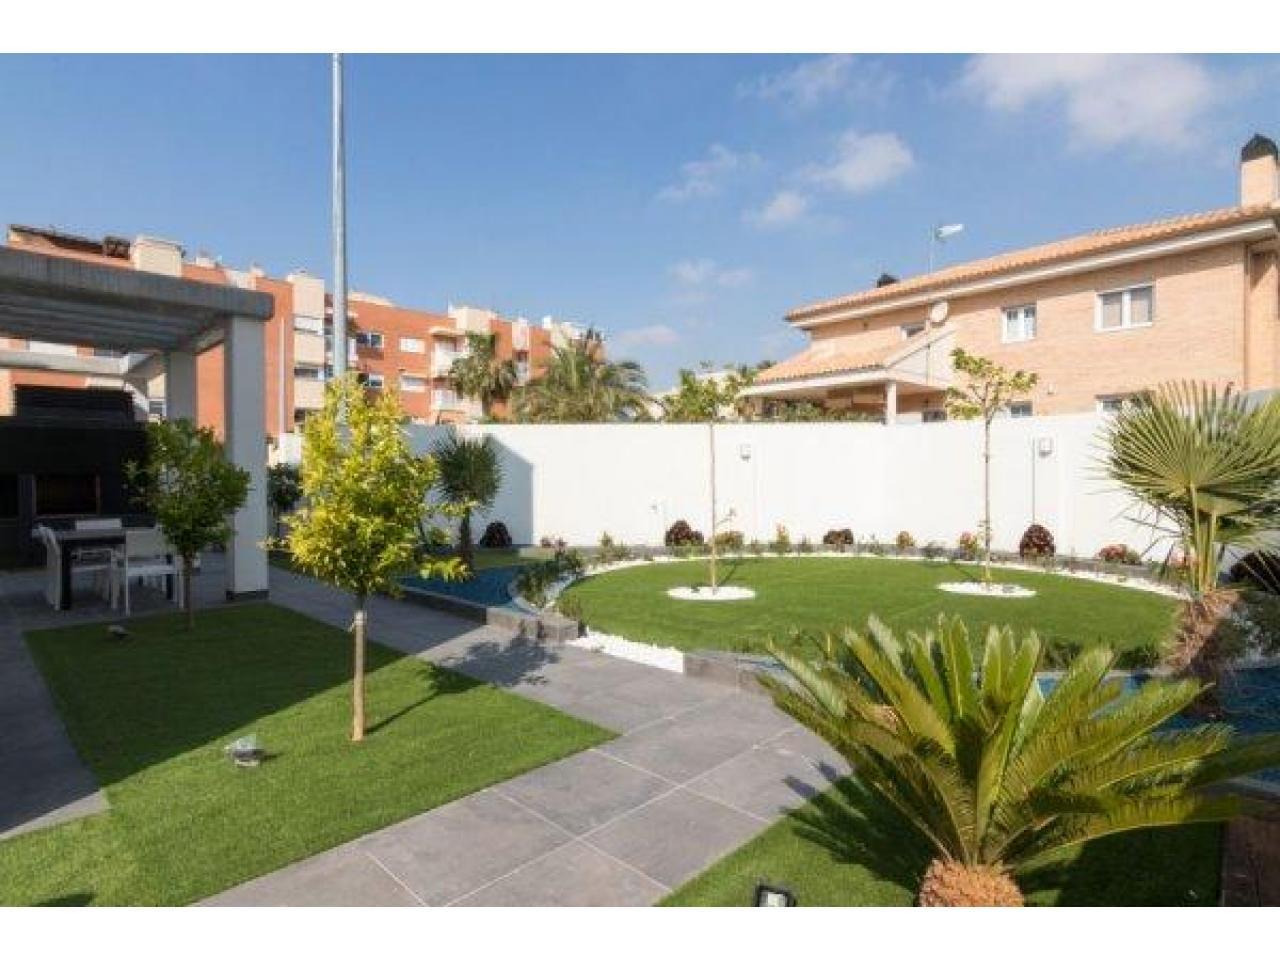 Недвижимость в Испании, Новая вилла рядом с морем от застройщика в Кампельо - 6